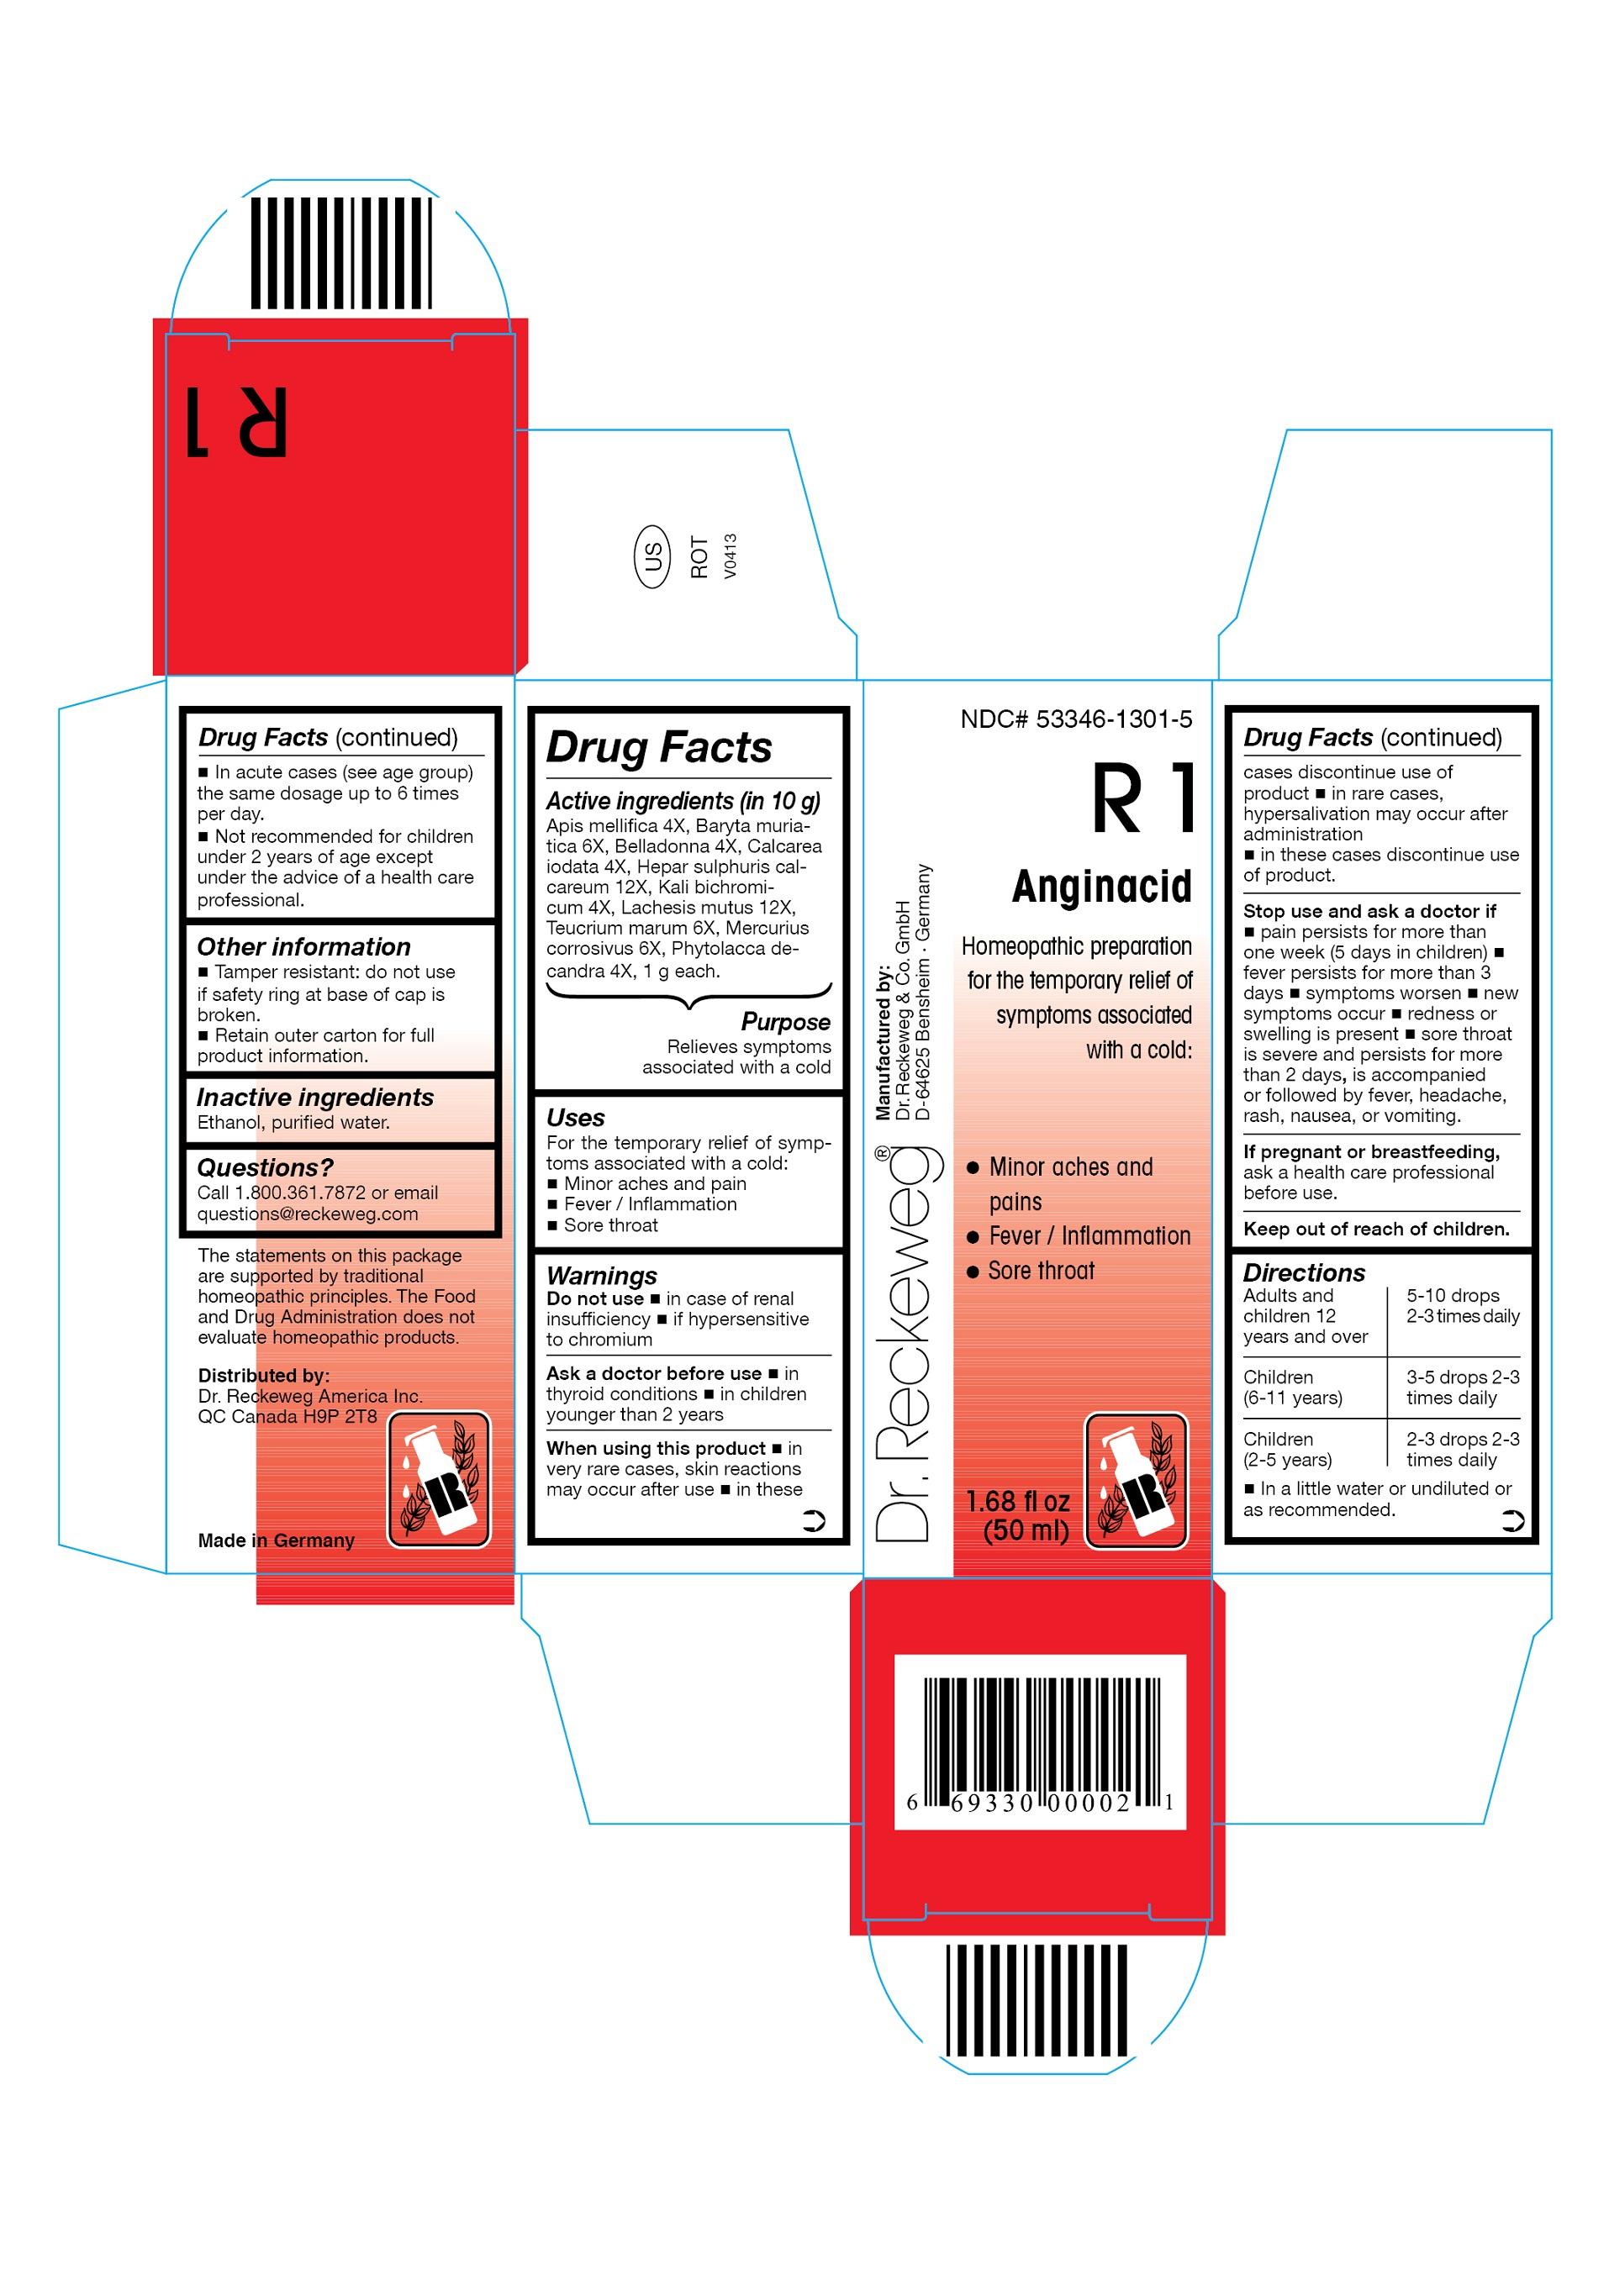 Dr. Reckeweg R1 Anginacid Combination Product (Apis Mellifica 4x, Baryta Muriatica 6x, Belladonna 4x, Calcarea Iodata 4x, Hepar Sulphuris Calcareum 12x, Kali Bichromicum 4x, Lachesis Mutus 12x, Teucrium Marum 6x, Mercurius Corrosivus 6x, Phytolacca Decandra 4x) Liquid [Pharmazeutische Fabrik Dr. Reckeweg & Co]